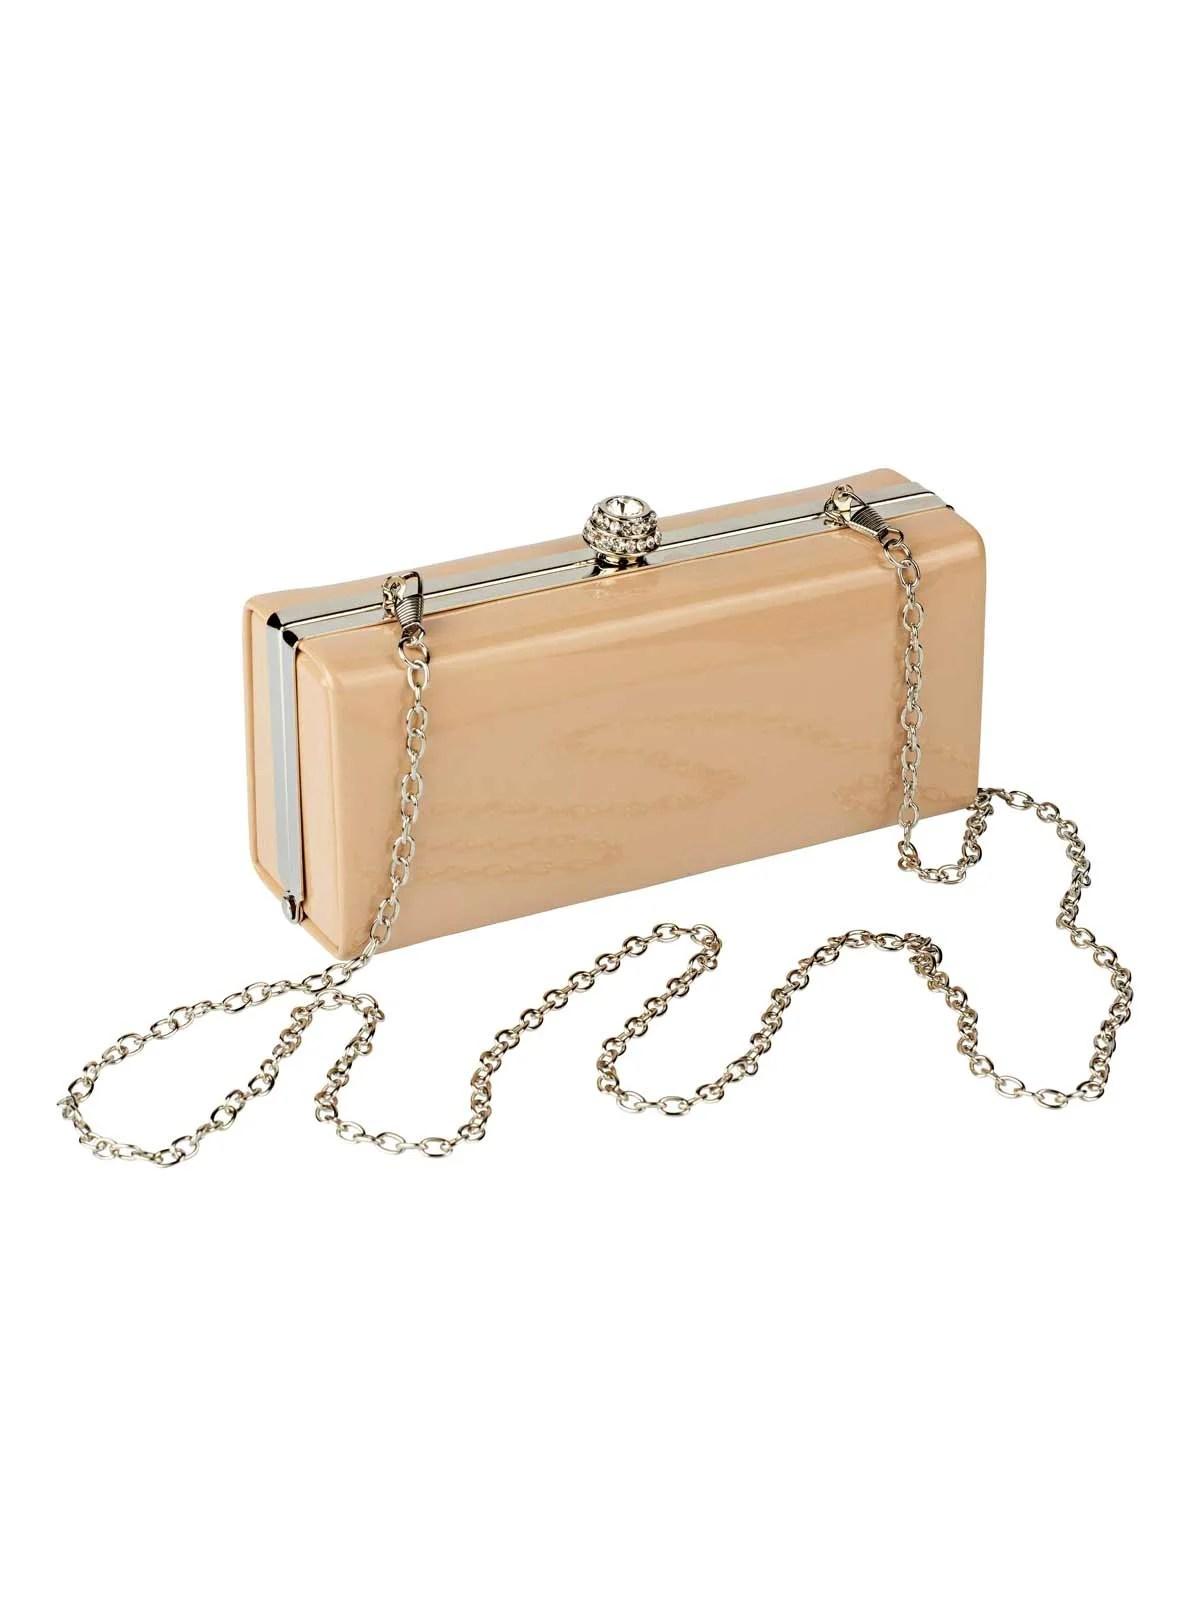 Welche Tasche zum Abendkleid? Missforty 651.025 HEINE Damen Designer-Lack-Clutch Puder